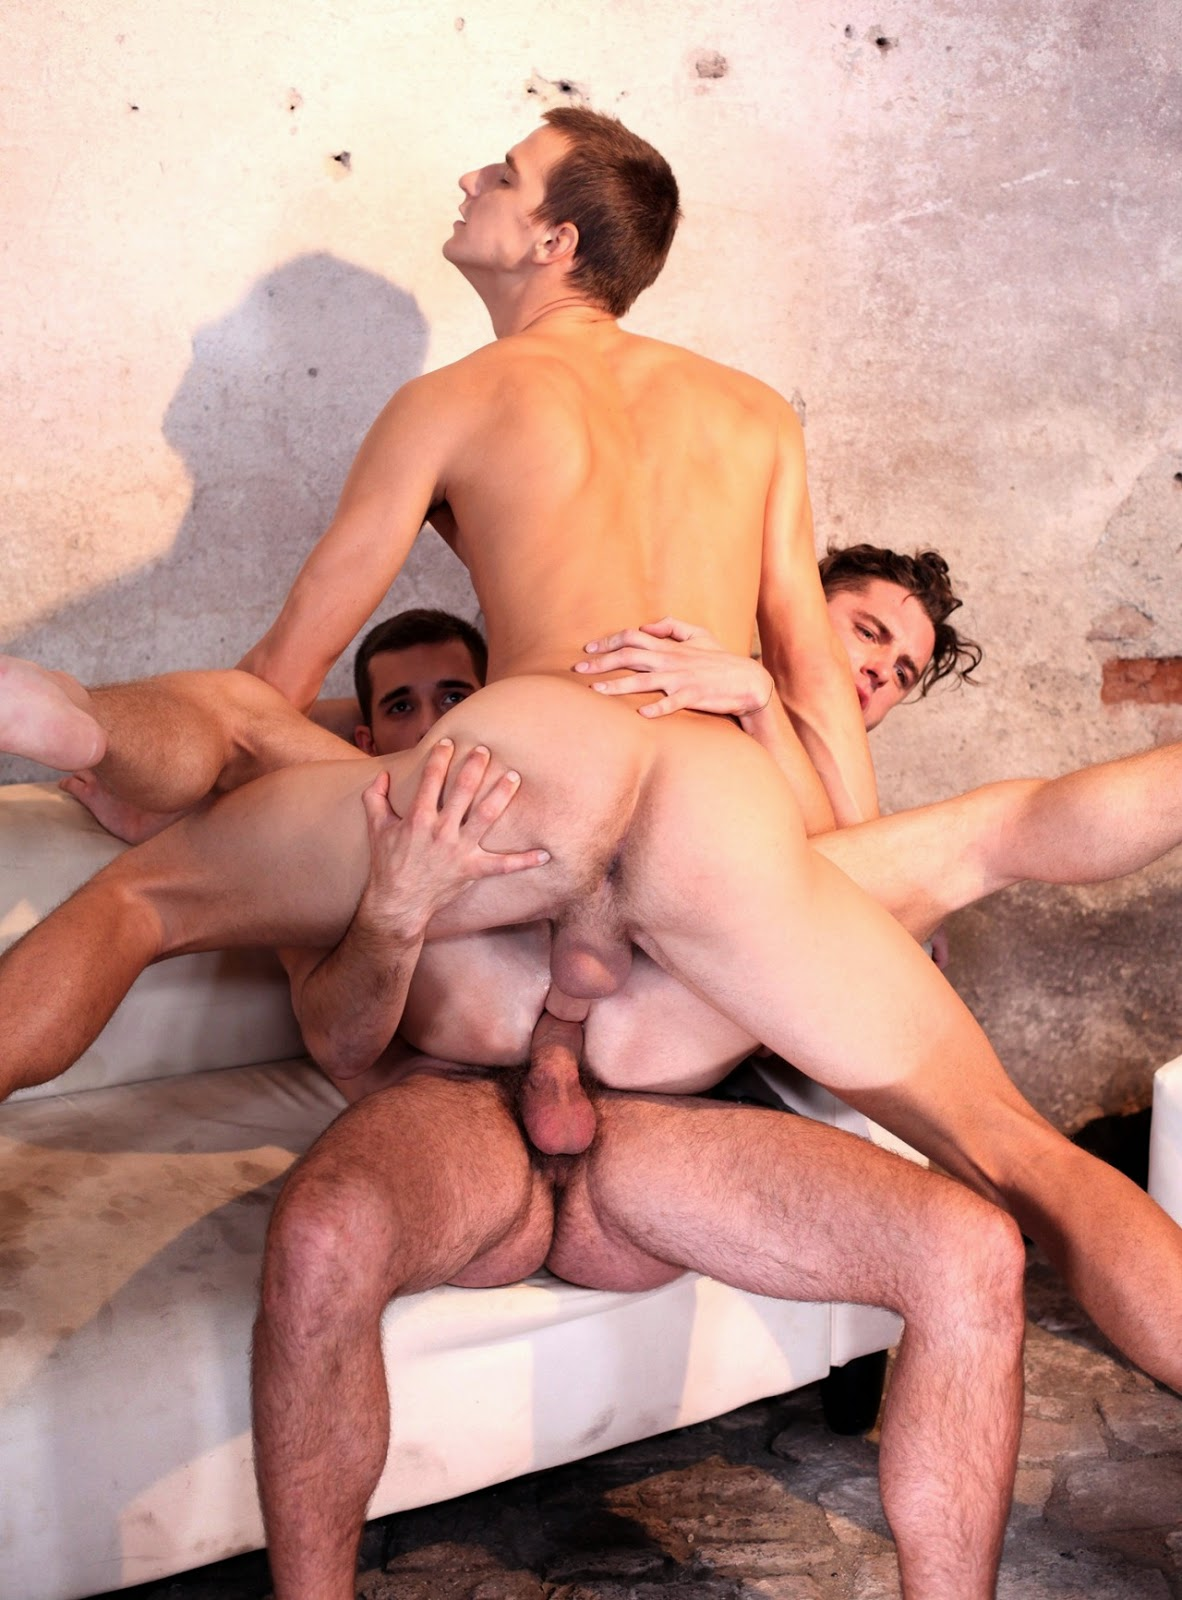 Gay dp videos